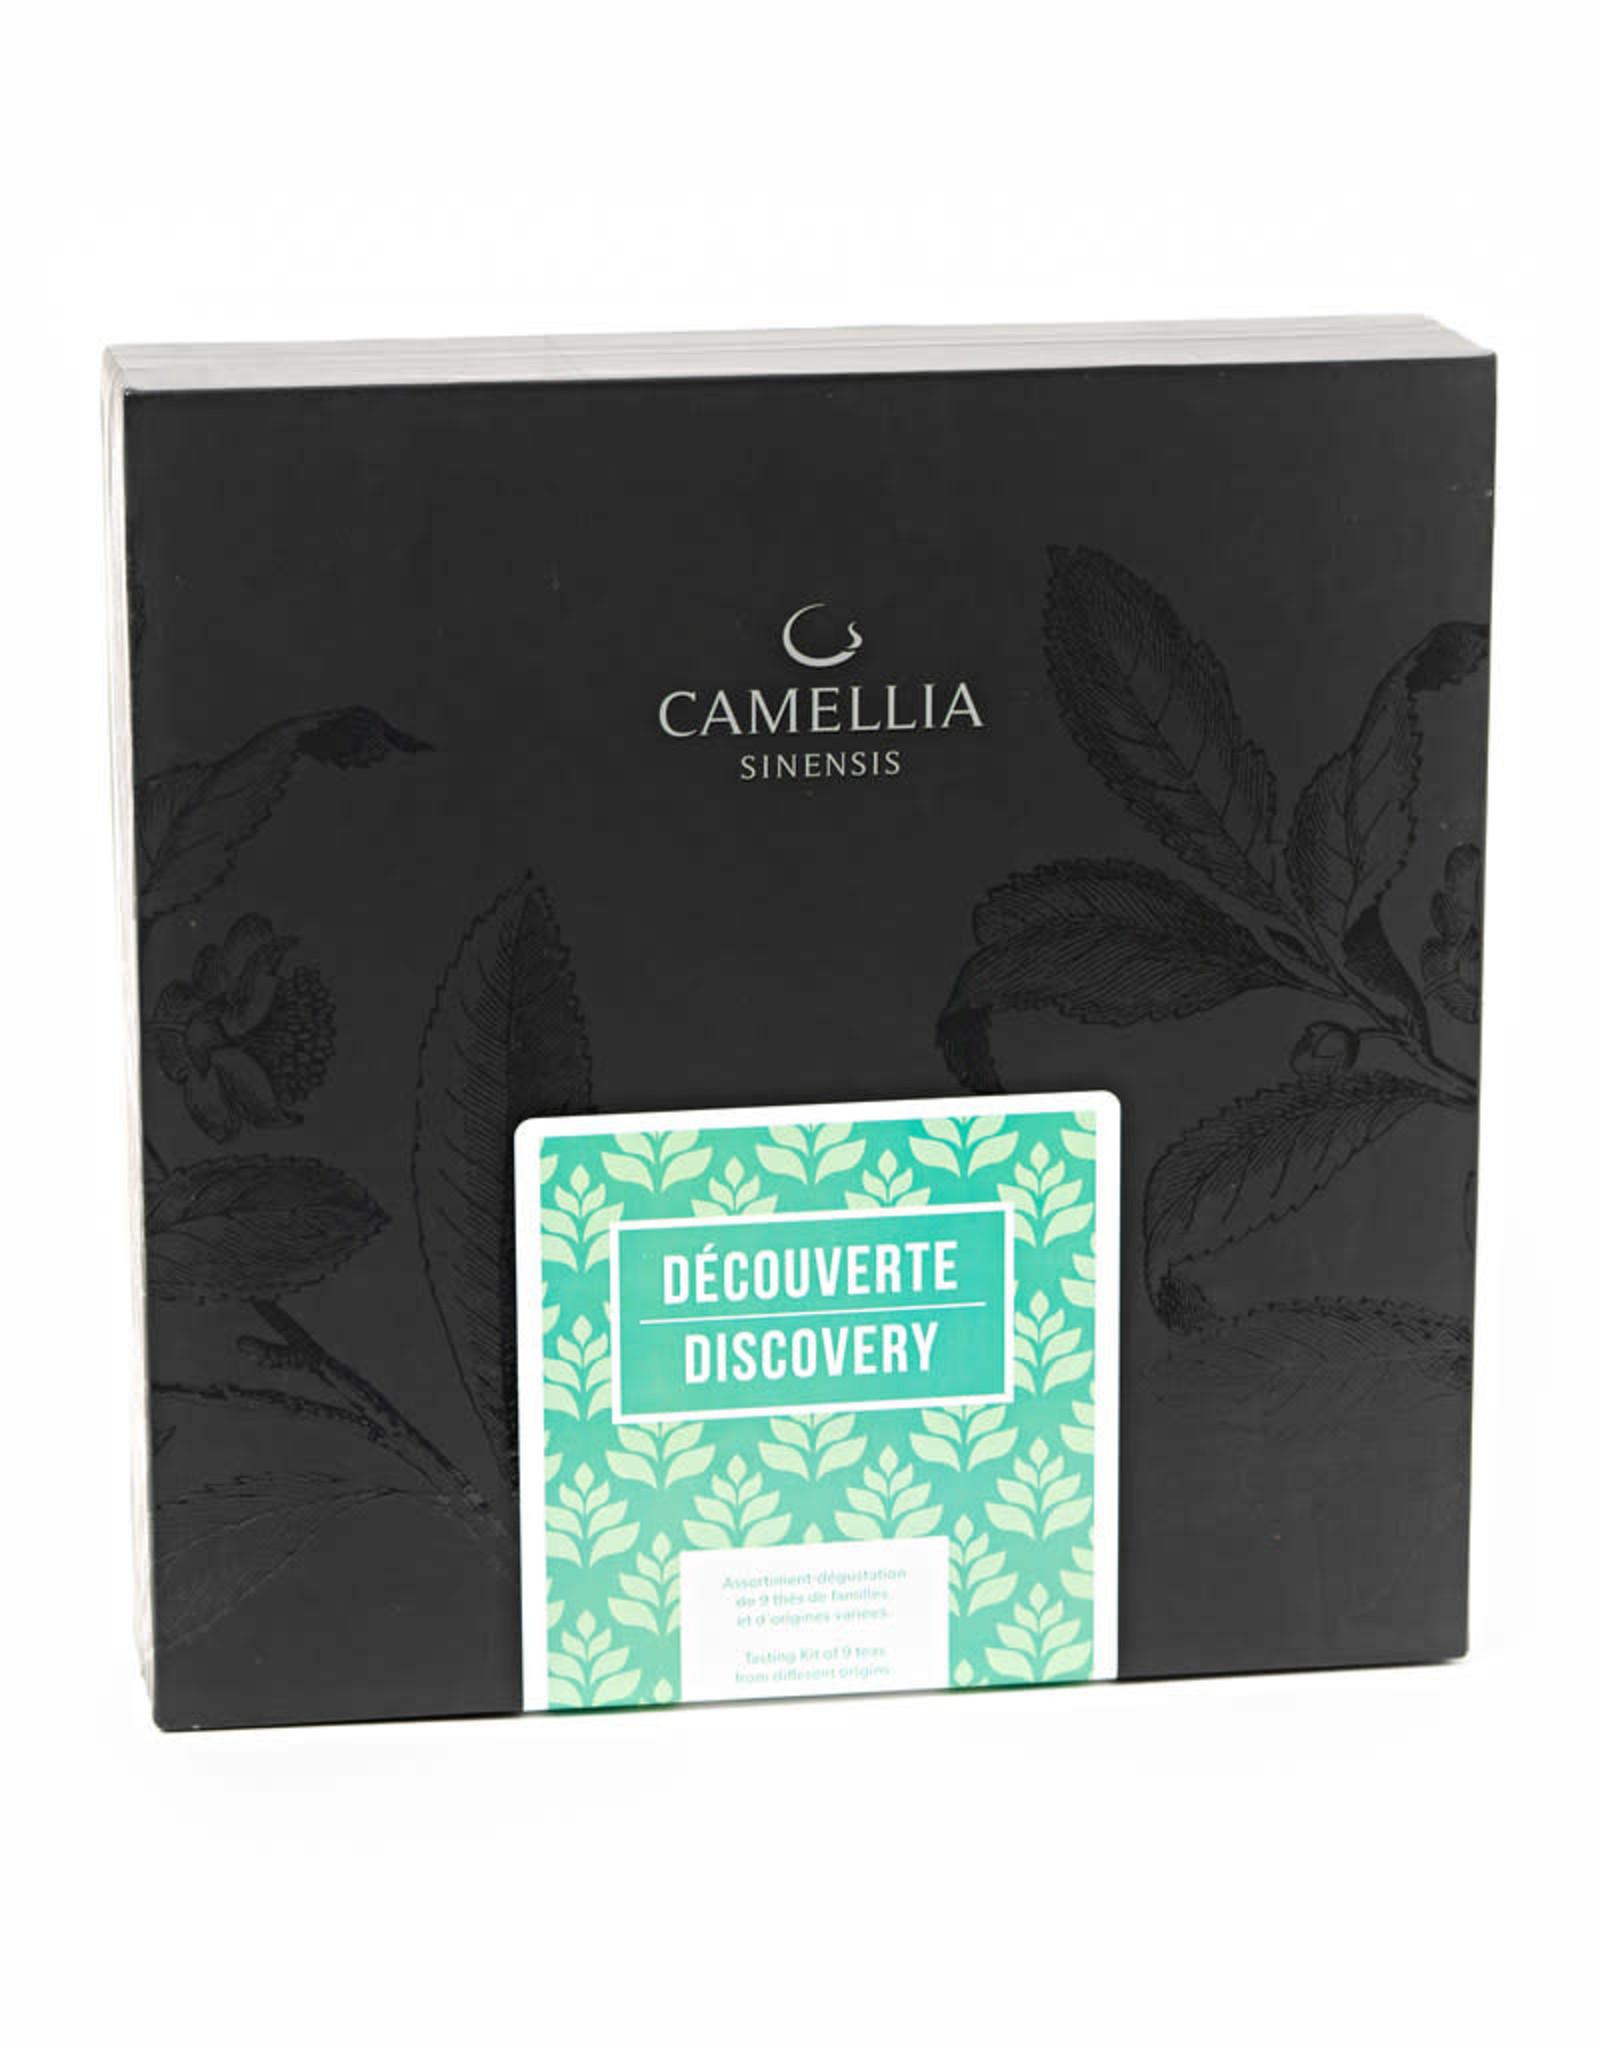 Camellia Sinensis Coffret Exploration 9 thé- Découverte